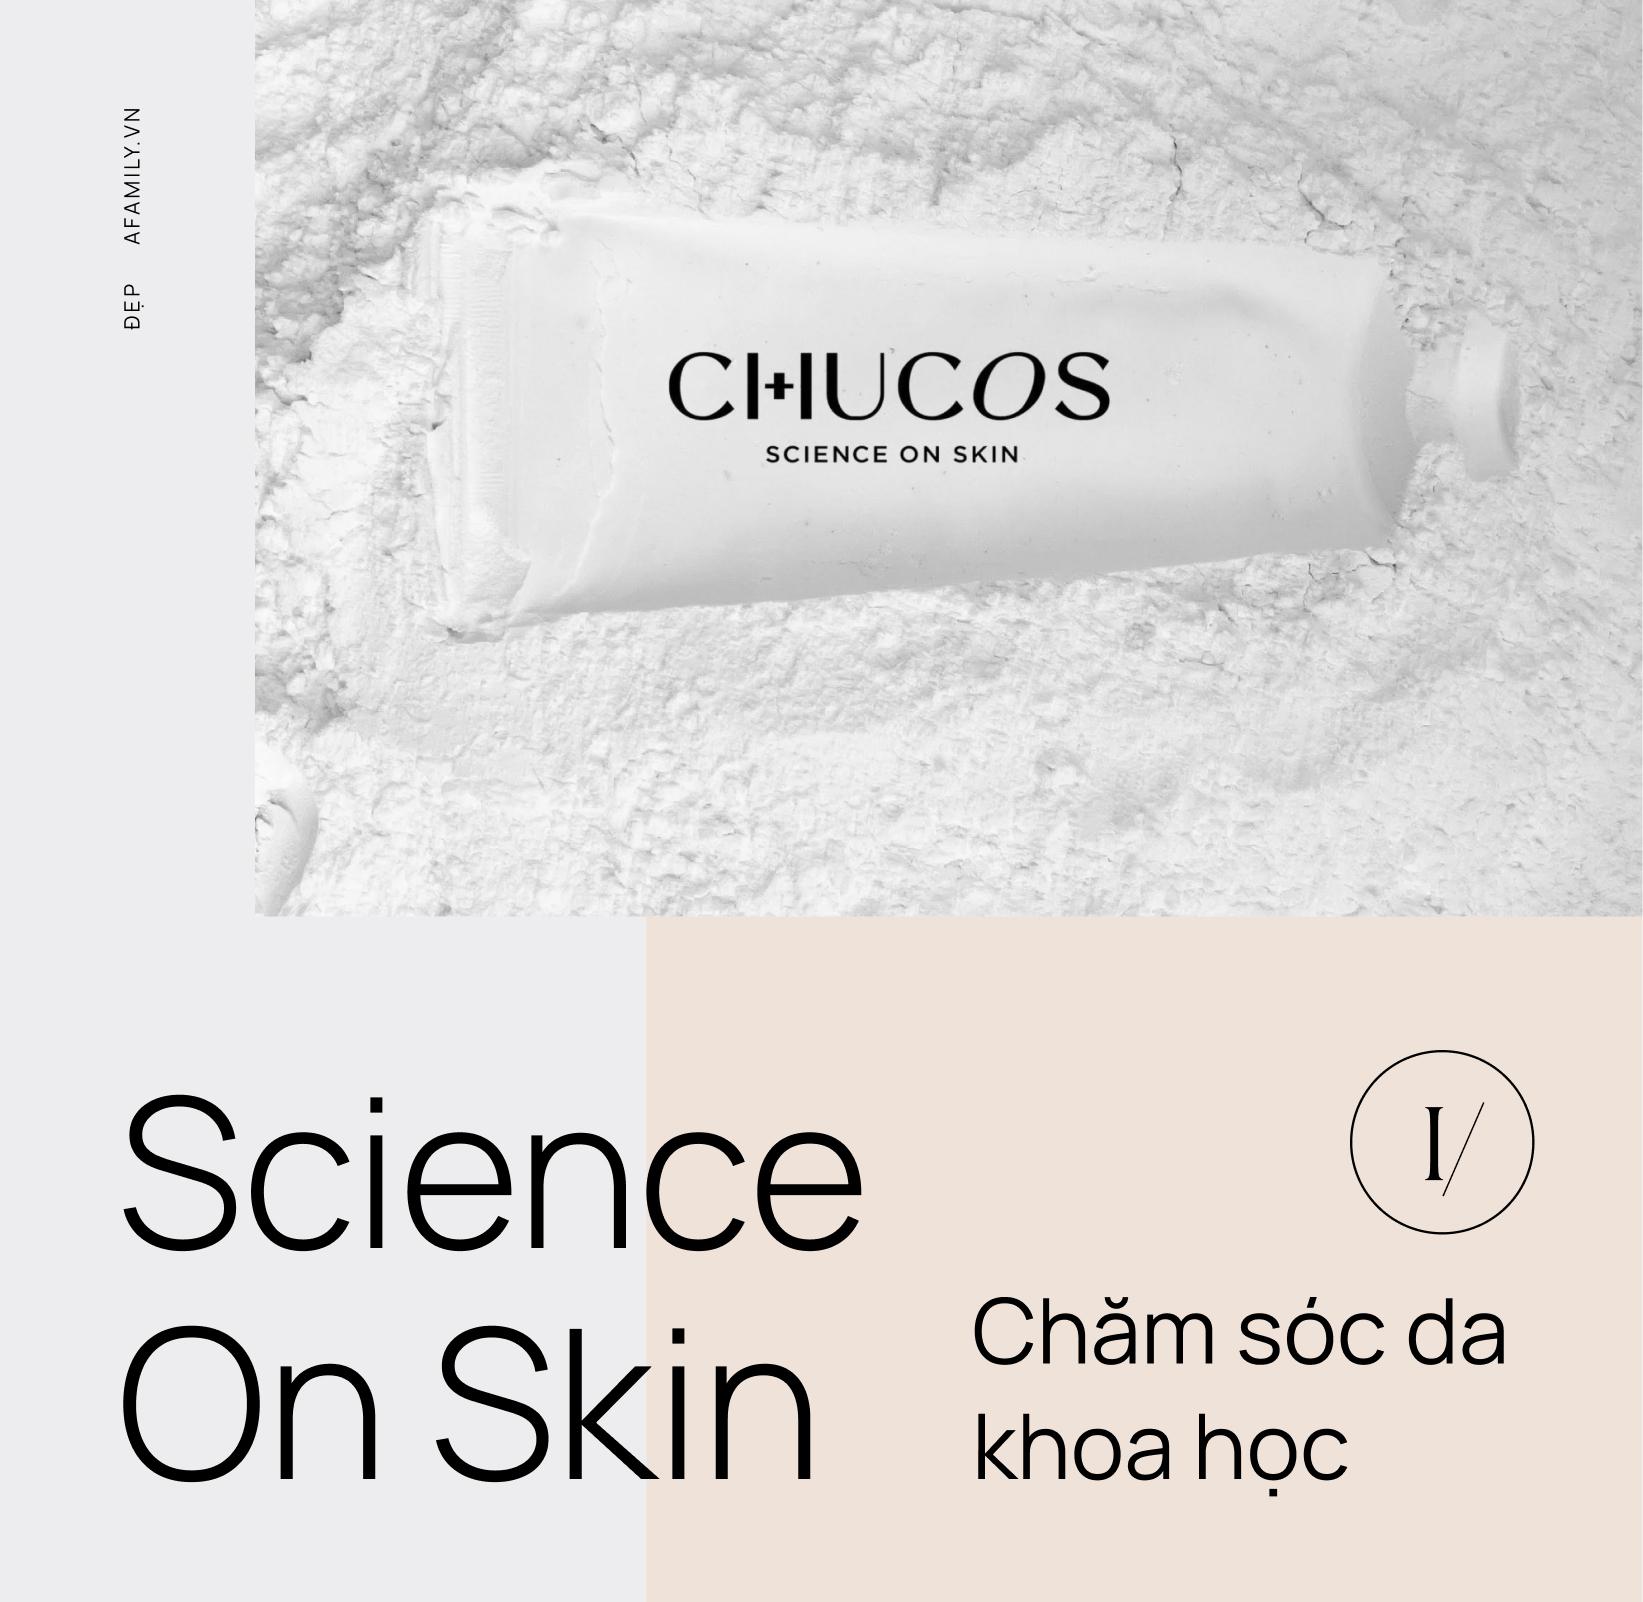 Chucos: Thương hiệu mỹ phẩm Việt không màu mè hoa lá nhưng khẳng định chất lượng từ bên trong - Ảnh 2.